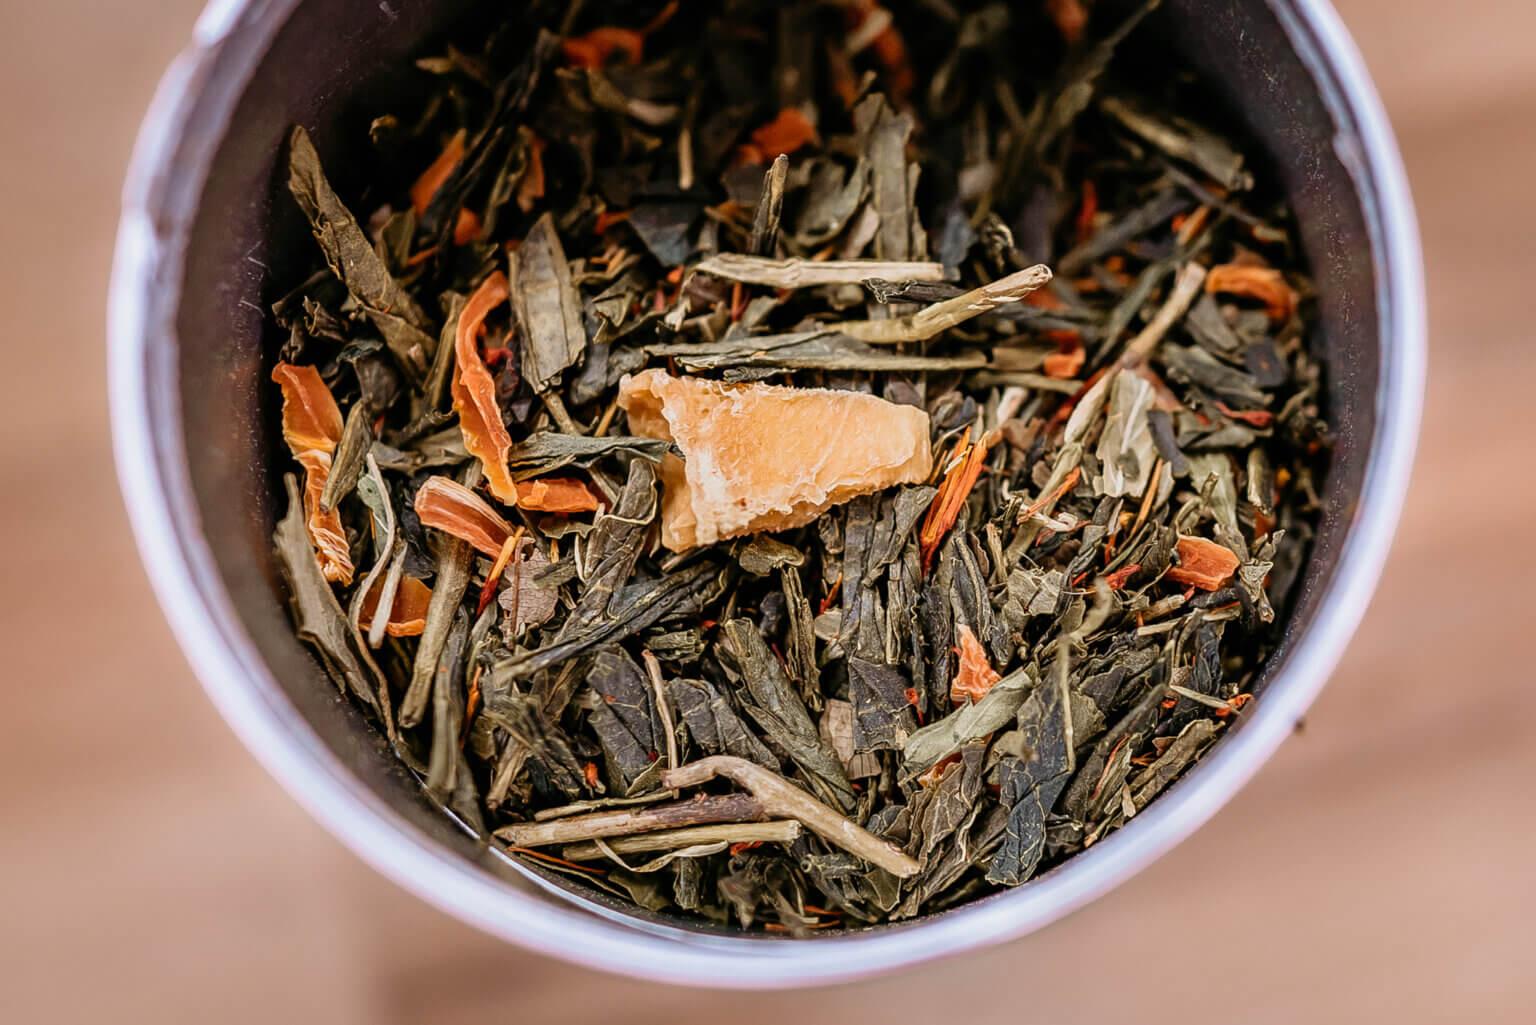 Qualia Caffe wysokogatunkowe herbaty do Twojego lokalu